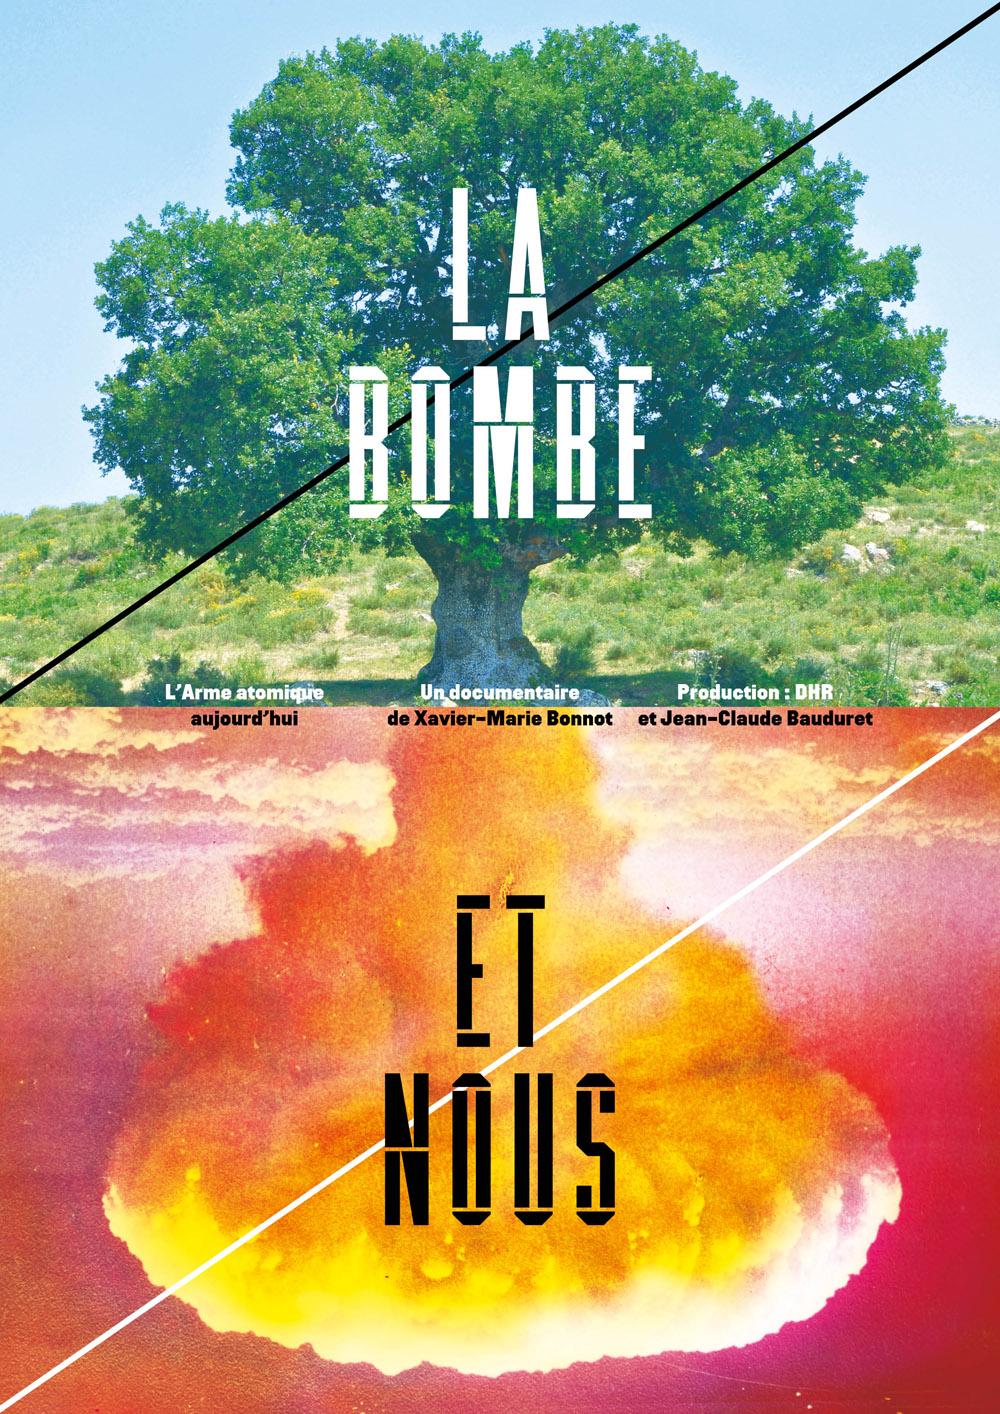 (9) XXIIe université d'été du MNLE Réseau Homme&Nature à Arcachon : Culture de PAIX